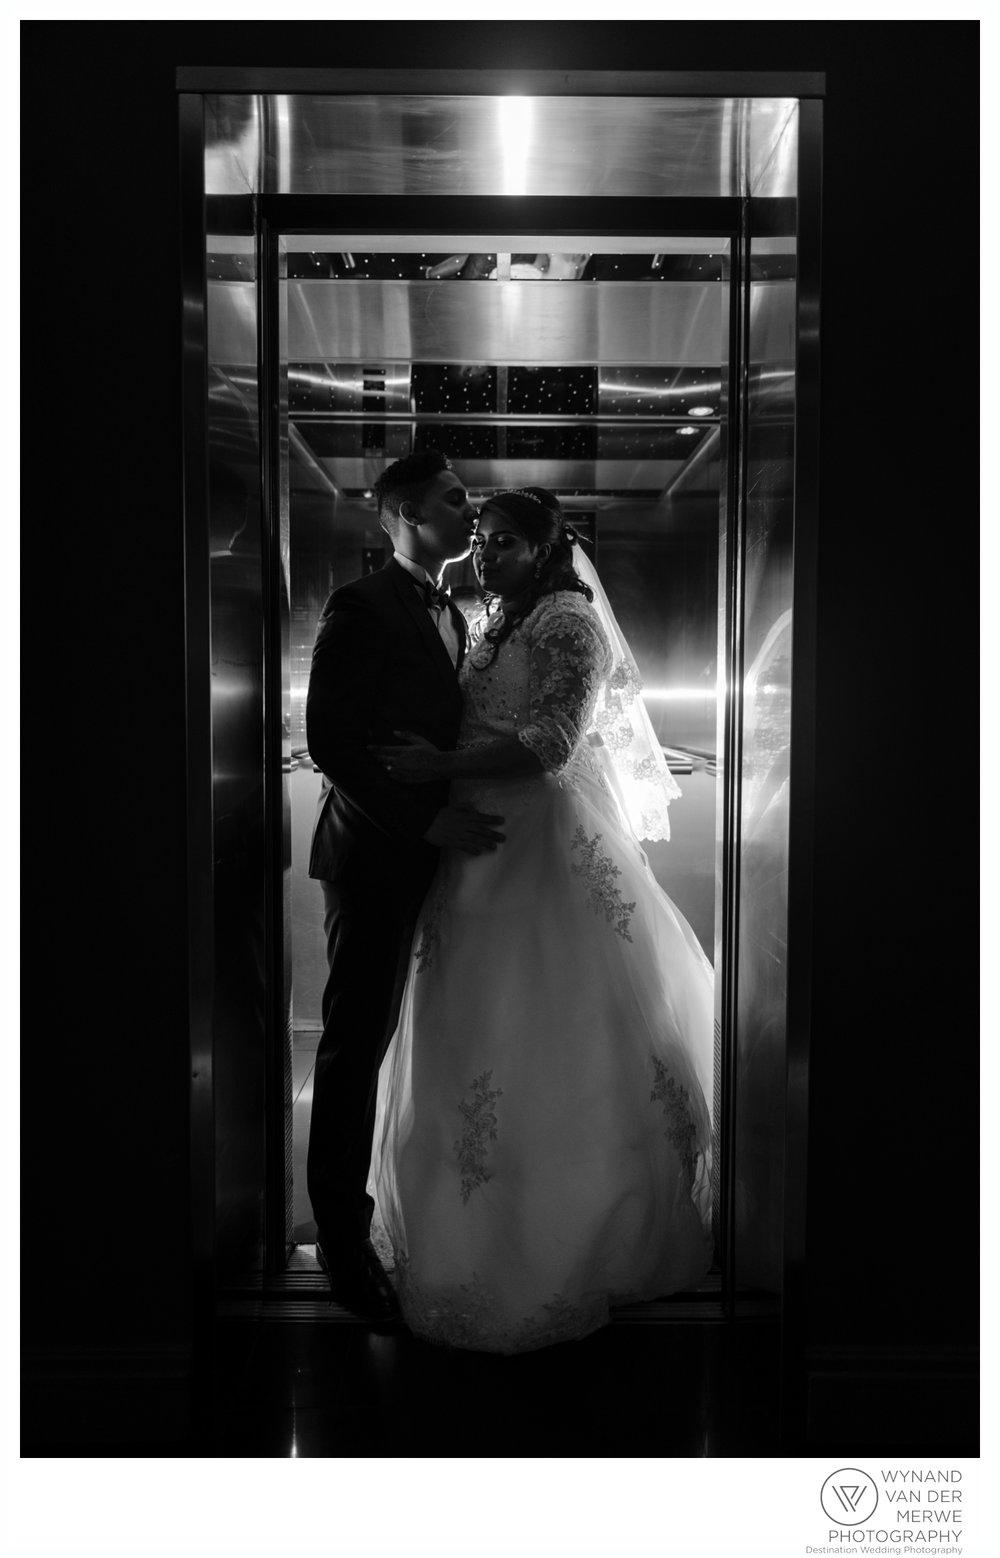 WvdM_weddingphotographer_Wedding_muslimwedding_urban_proteahotel_sandtoncity_melrosearch_exclusiveweddingphotography_FarheenJuwaid-2018-30.jpg